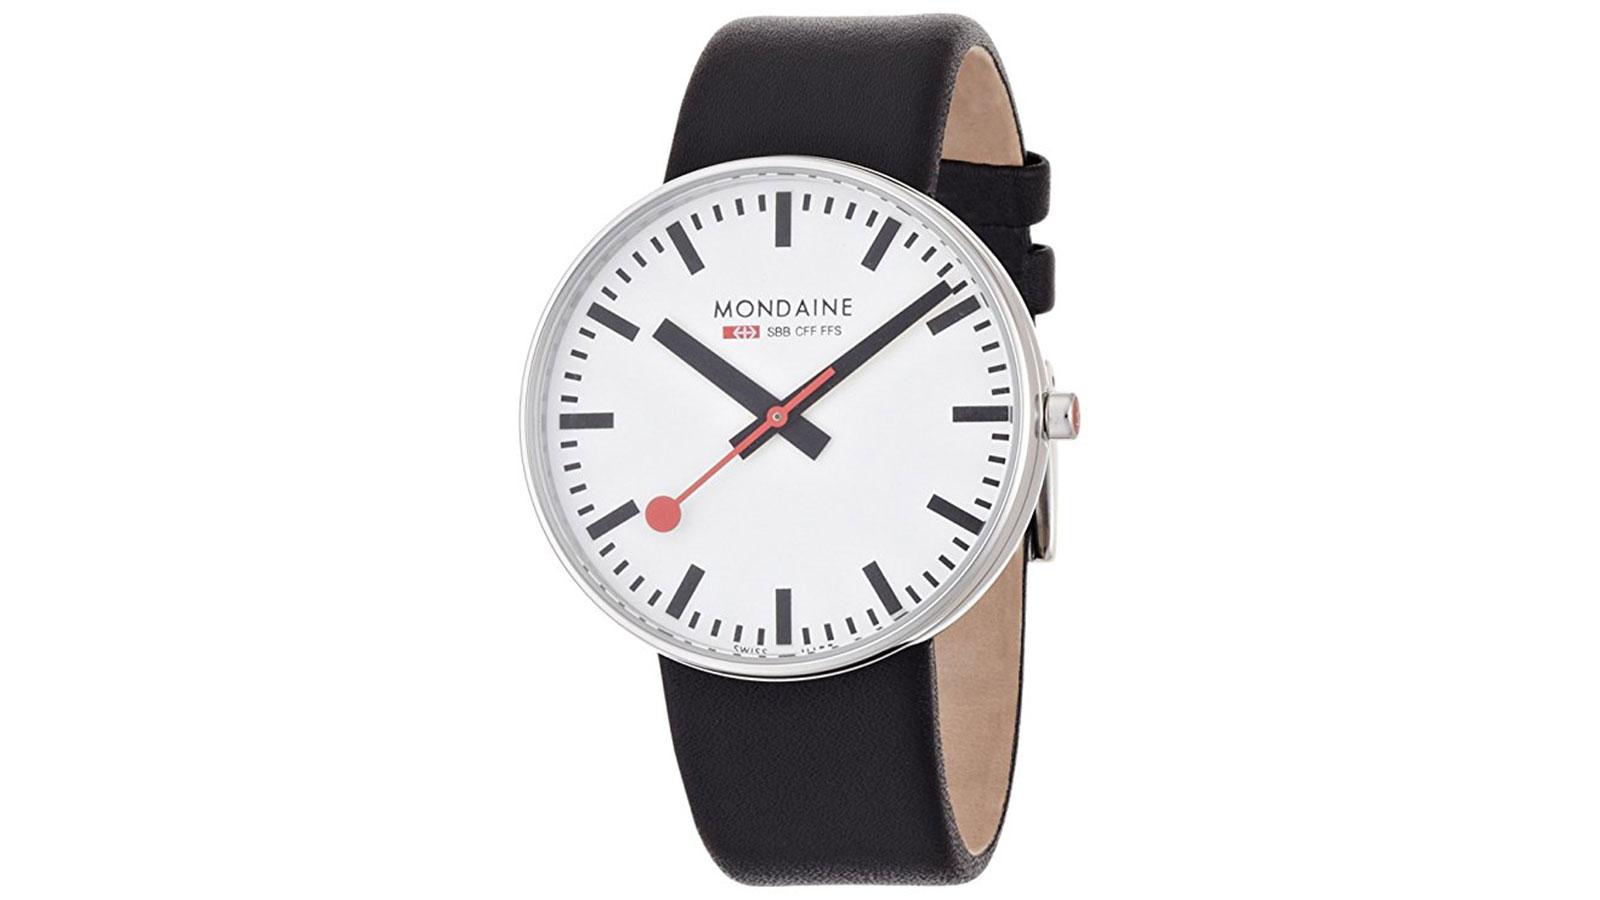 >Mondaine Swiss Railways Giant Watch | best men's watches under $300